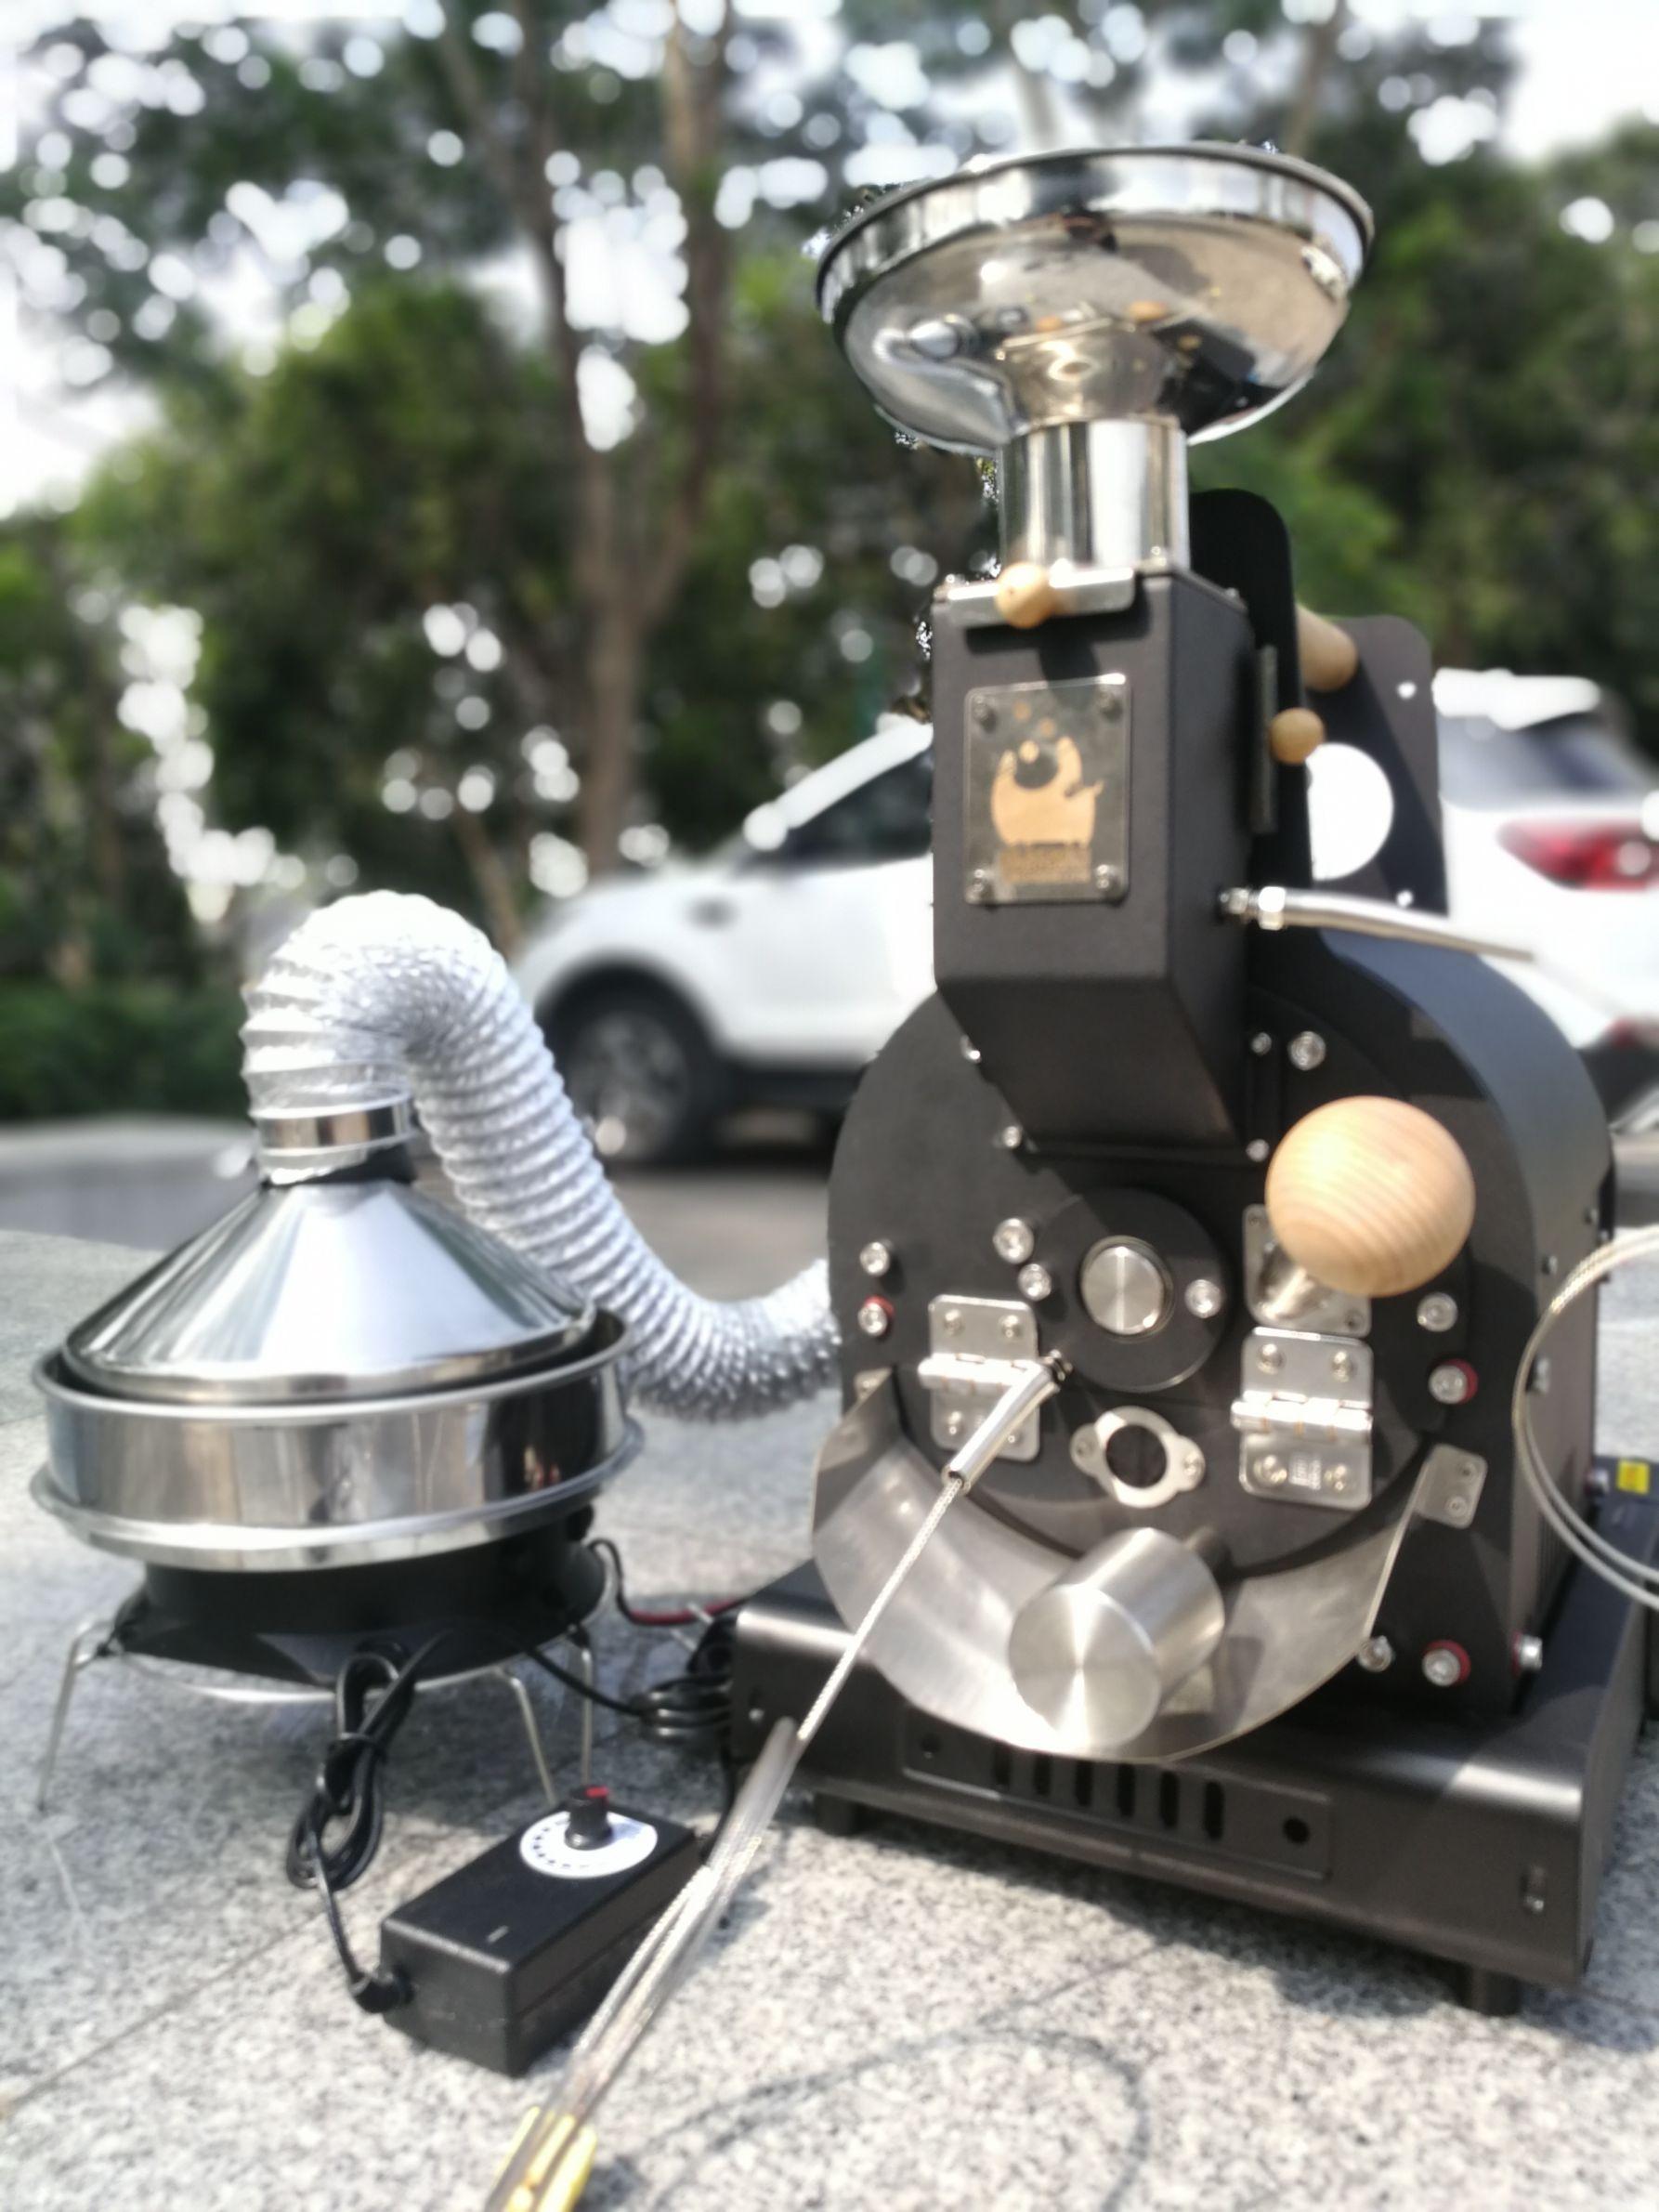 玄客手工迷你小黑烘焙炒豆咖啡機入門家用小巧便攜半熱風燃氣